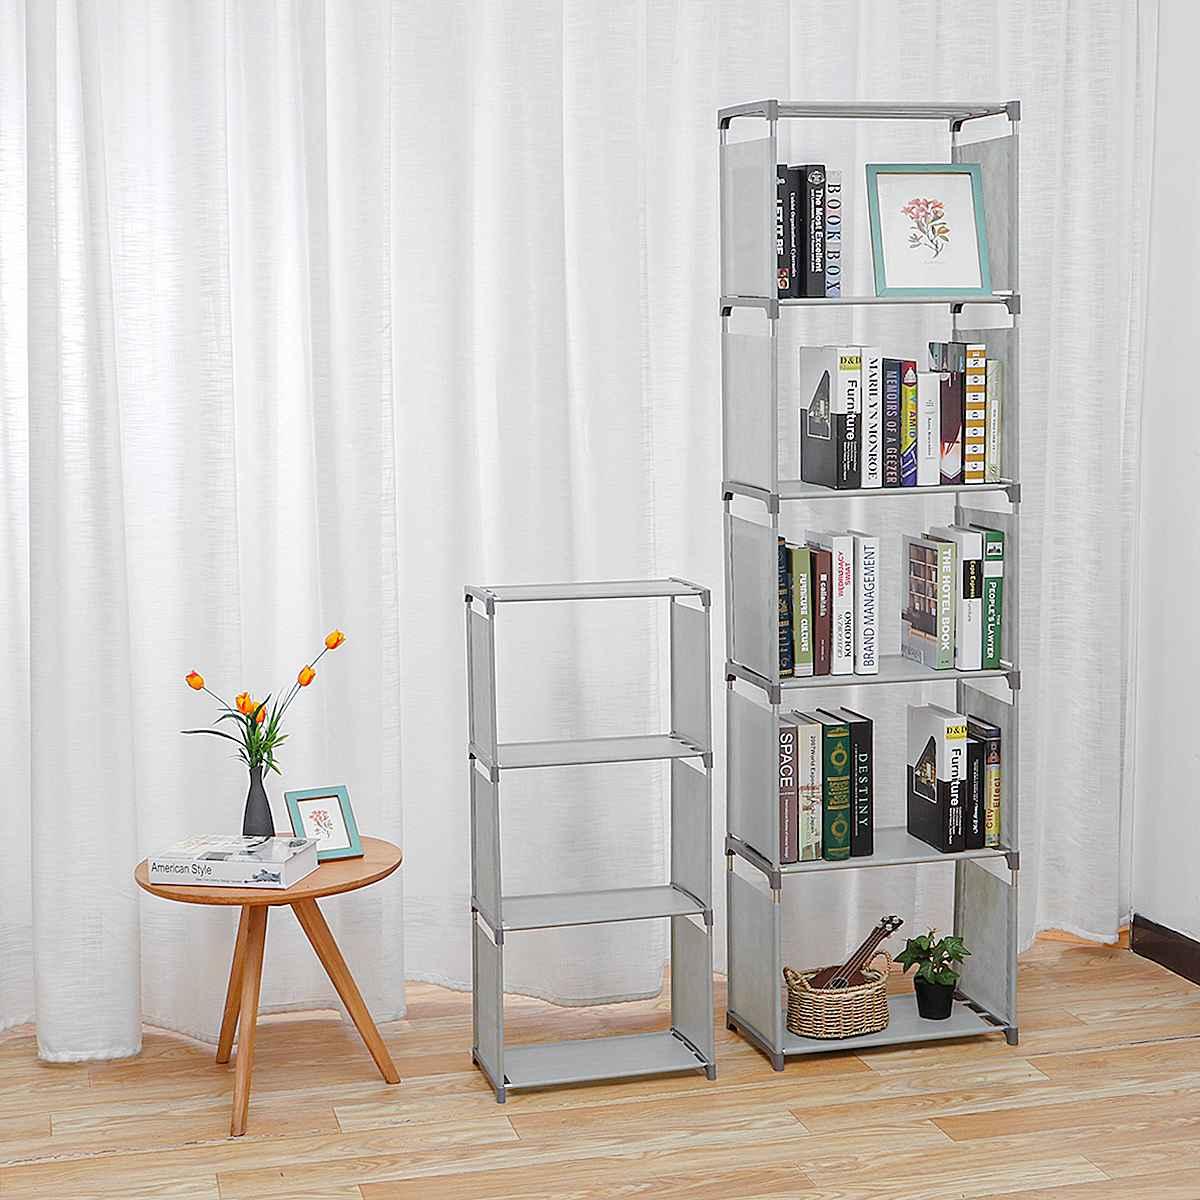 4/6 estantes de almacenamiento en forma de cubo, estantes de almacenamiento, estante de exhibición de gabinete, organizador de habitación, librería de oficina, muebles para el hogar